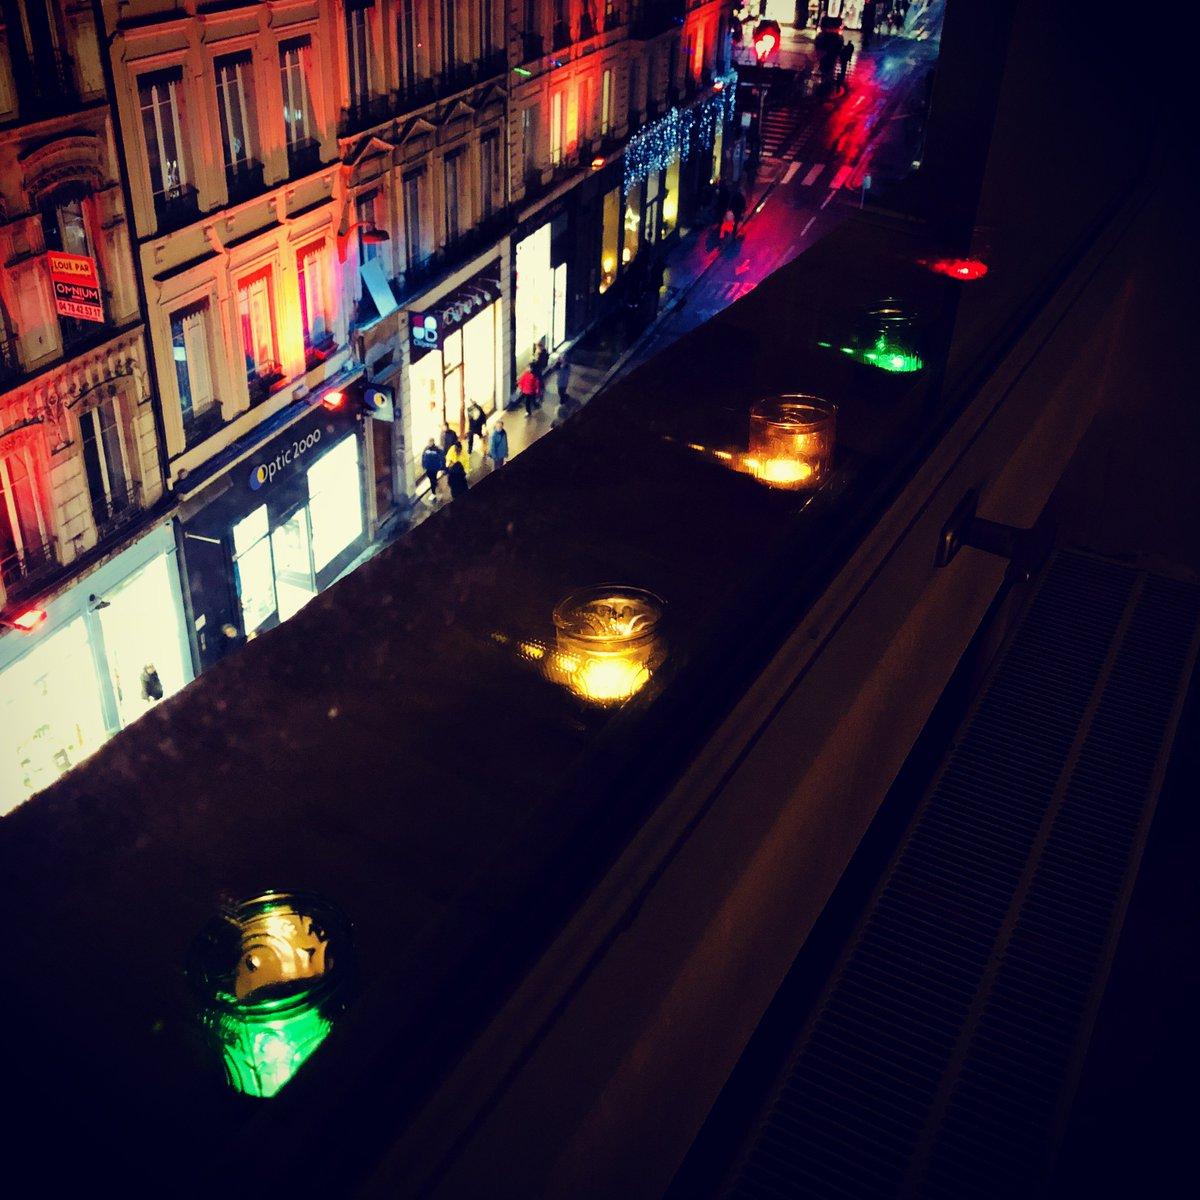 La nuit est tombée.  #fêtedeslumières pic.twitter.com/qbBQqGRKha